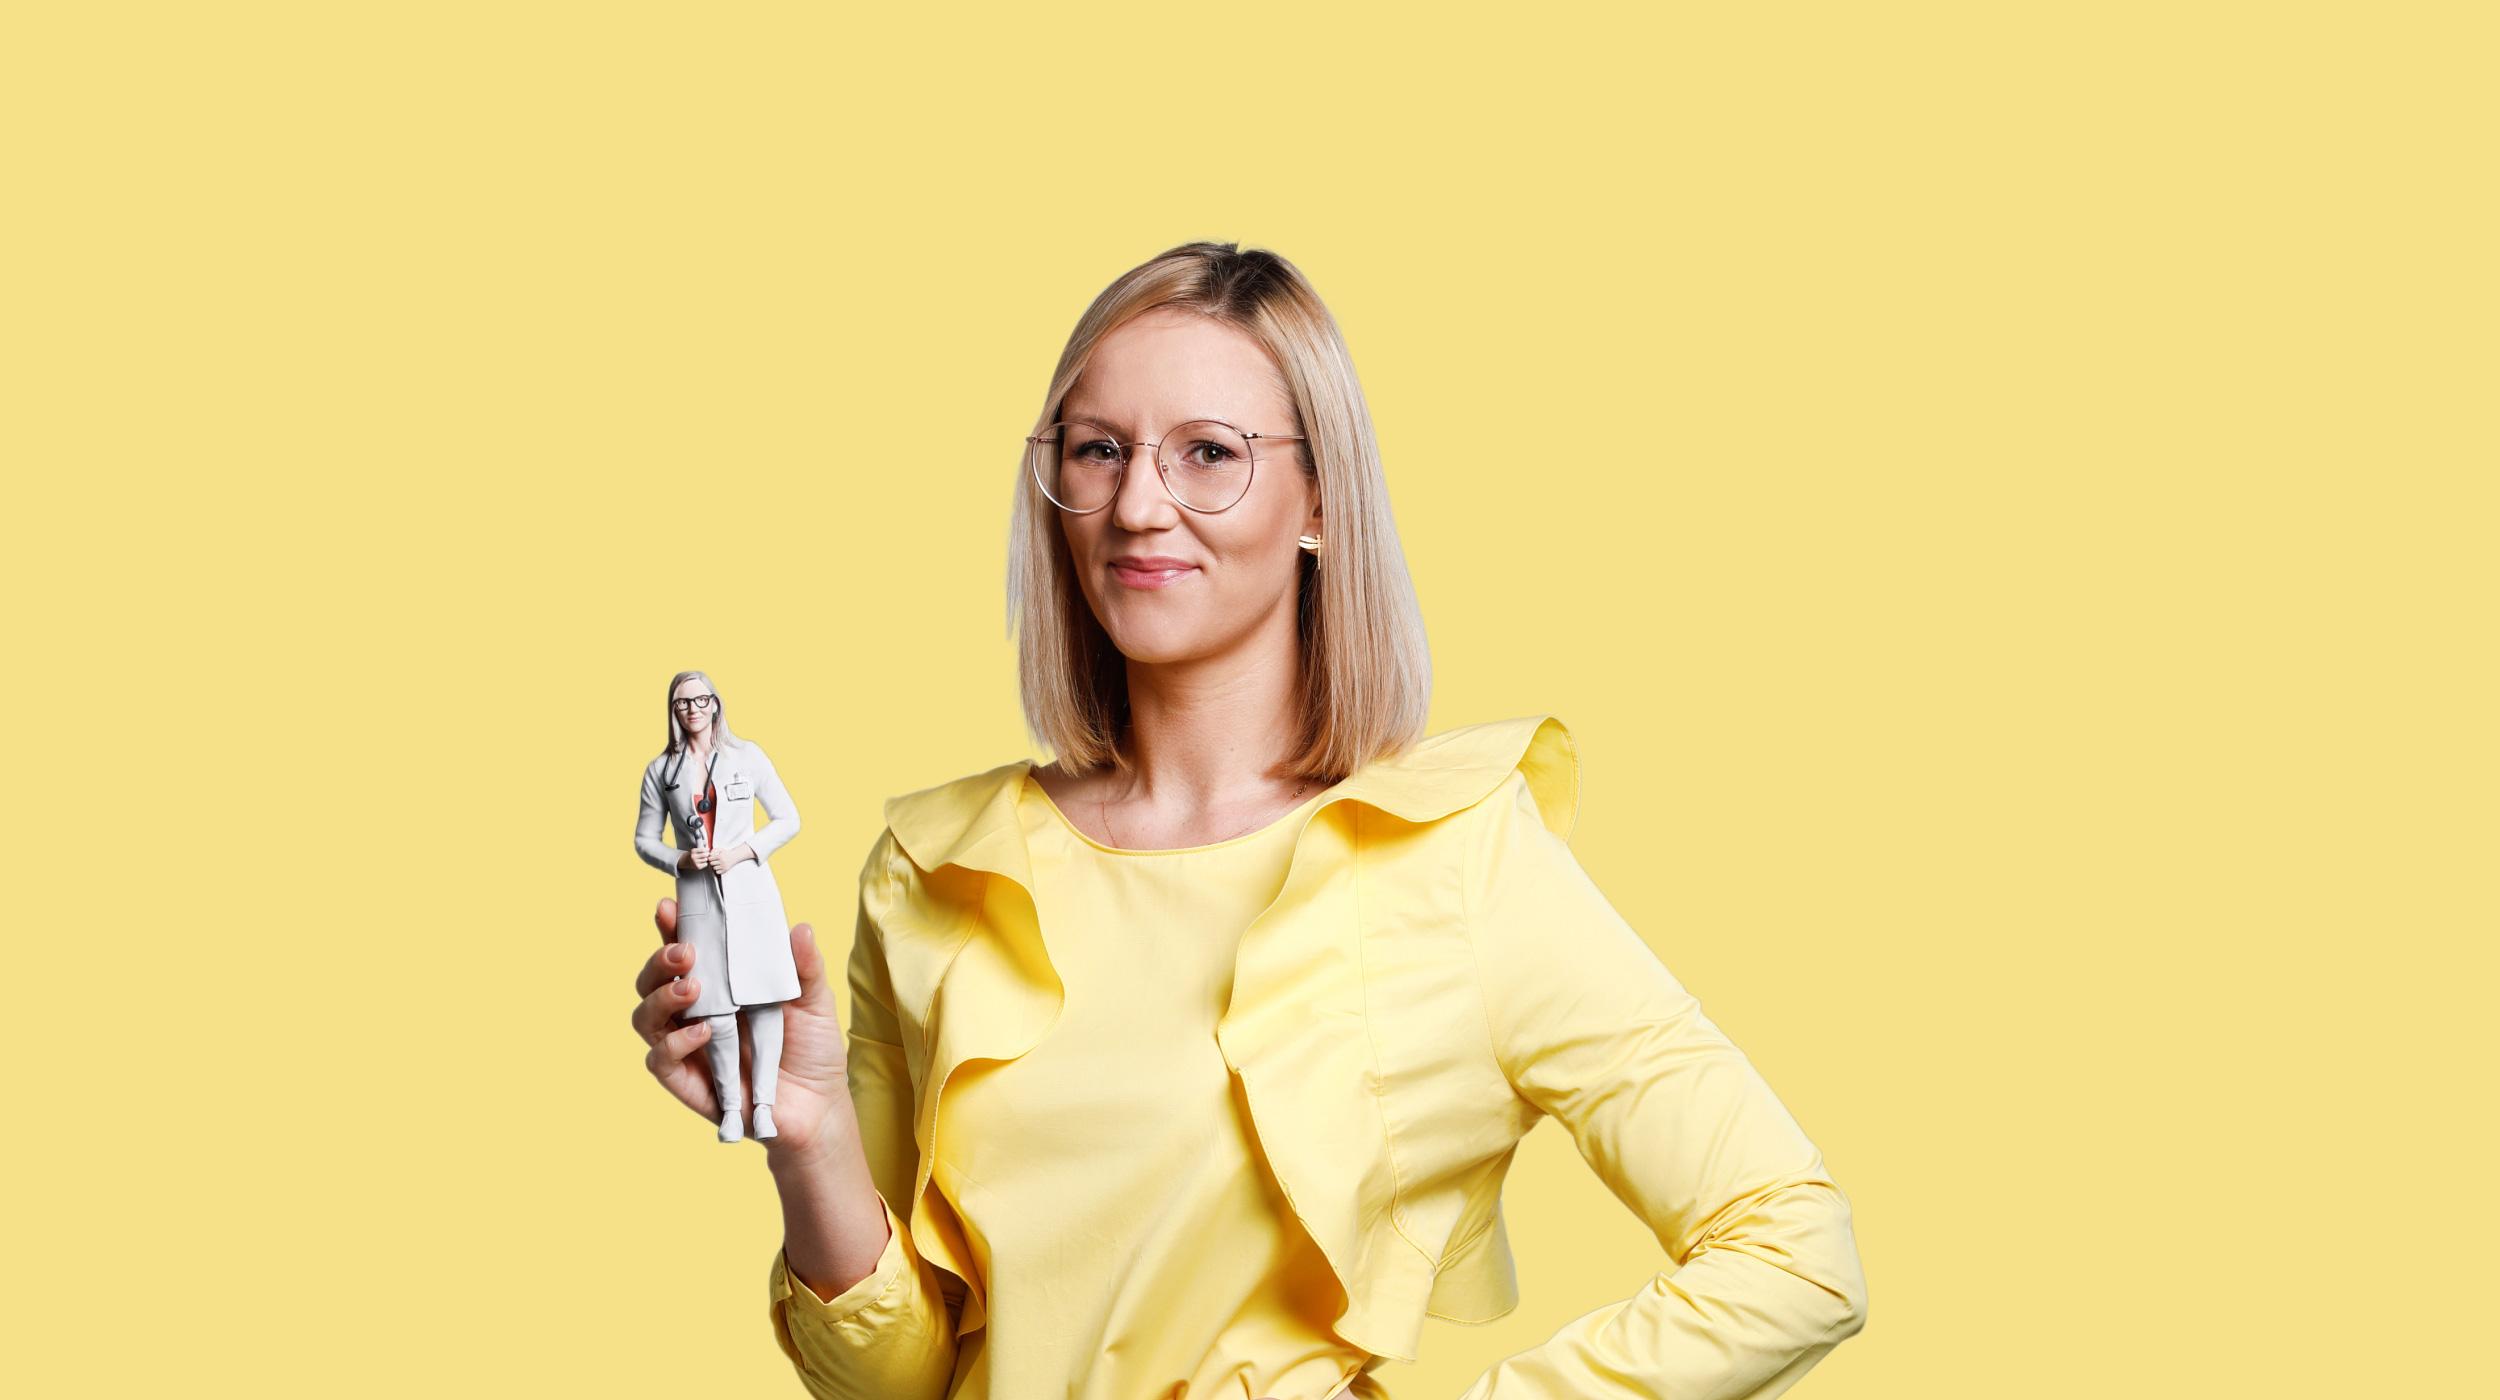 3D-Figur einer Frau in einem Gewand